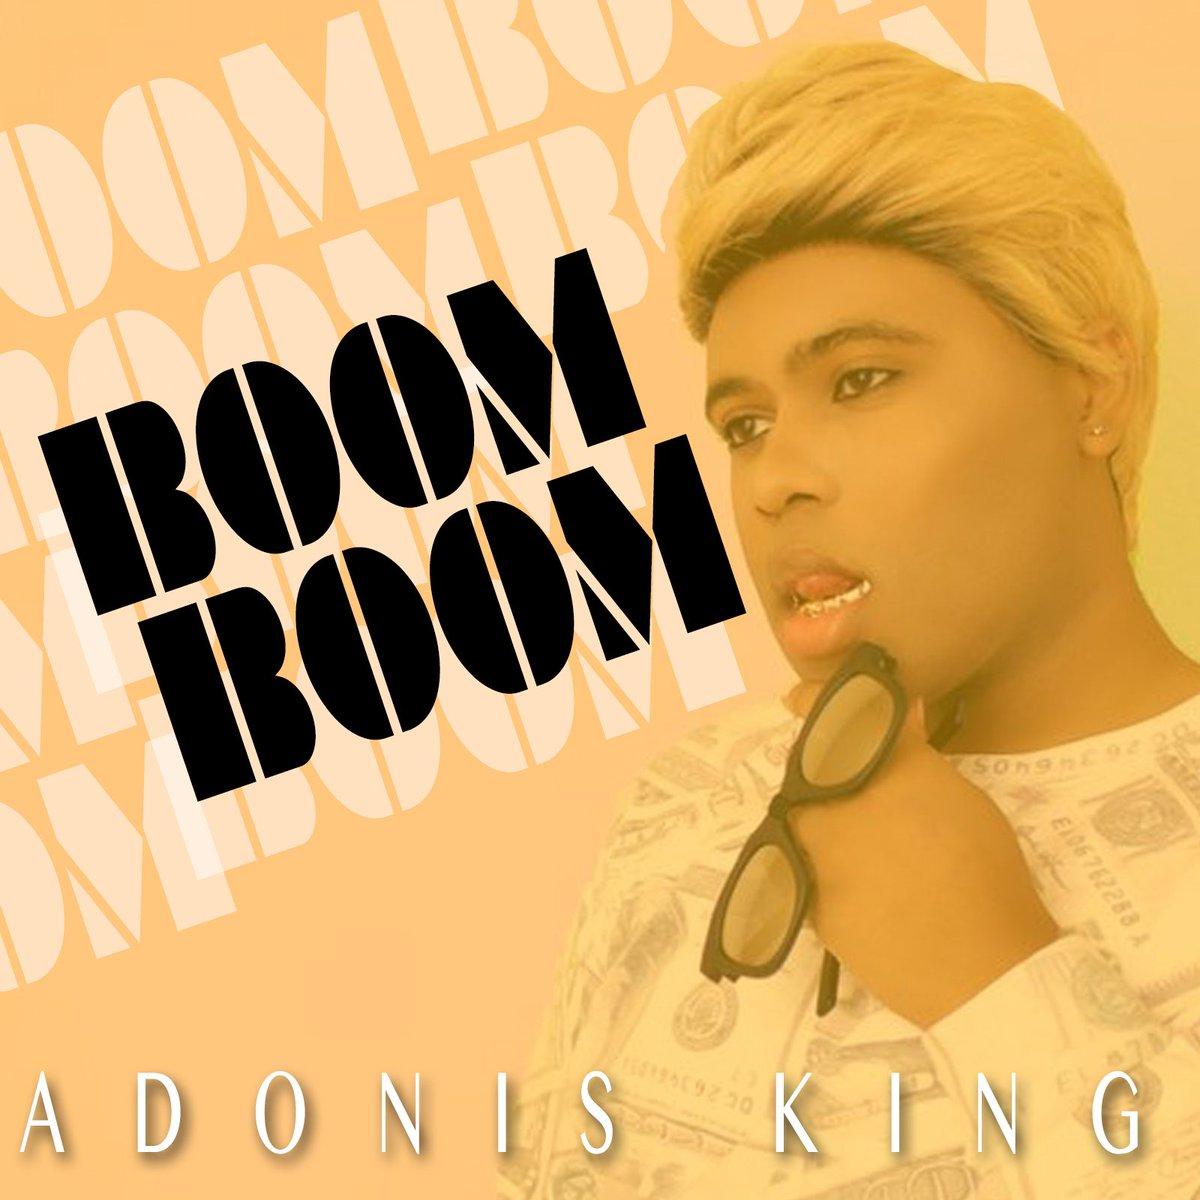 Adonis King - Boom Boom - Single - https://t.co/kW9u3Xz0oC #iTunes https://t.co/p5gOIVFpGN